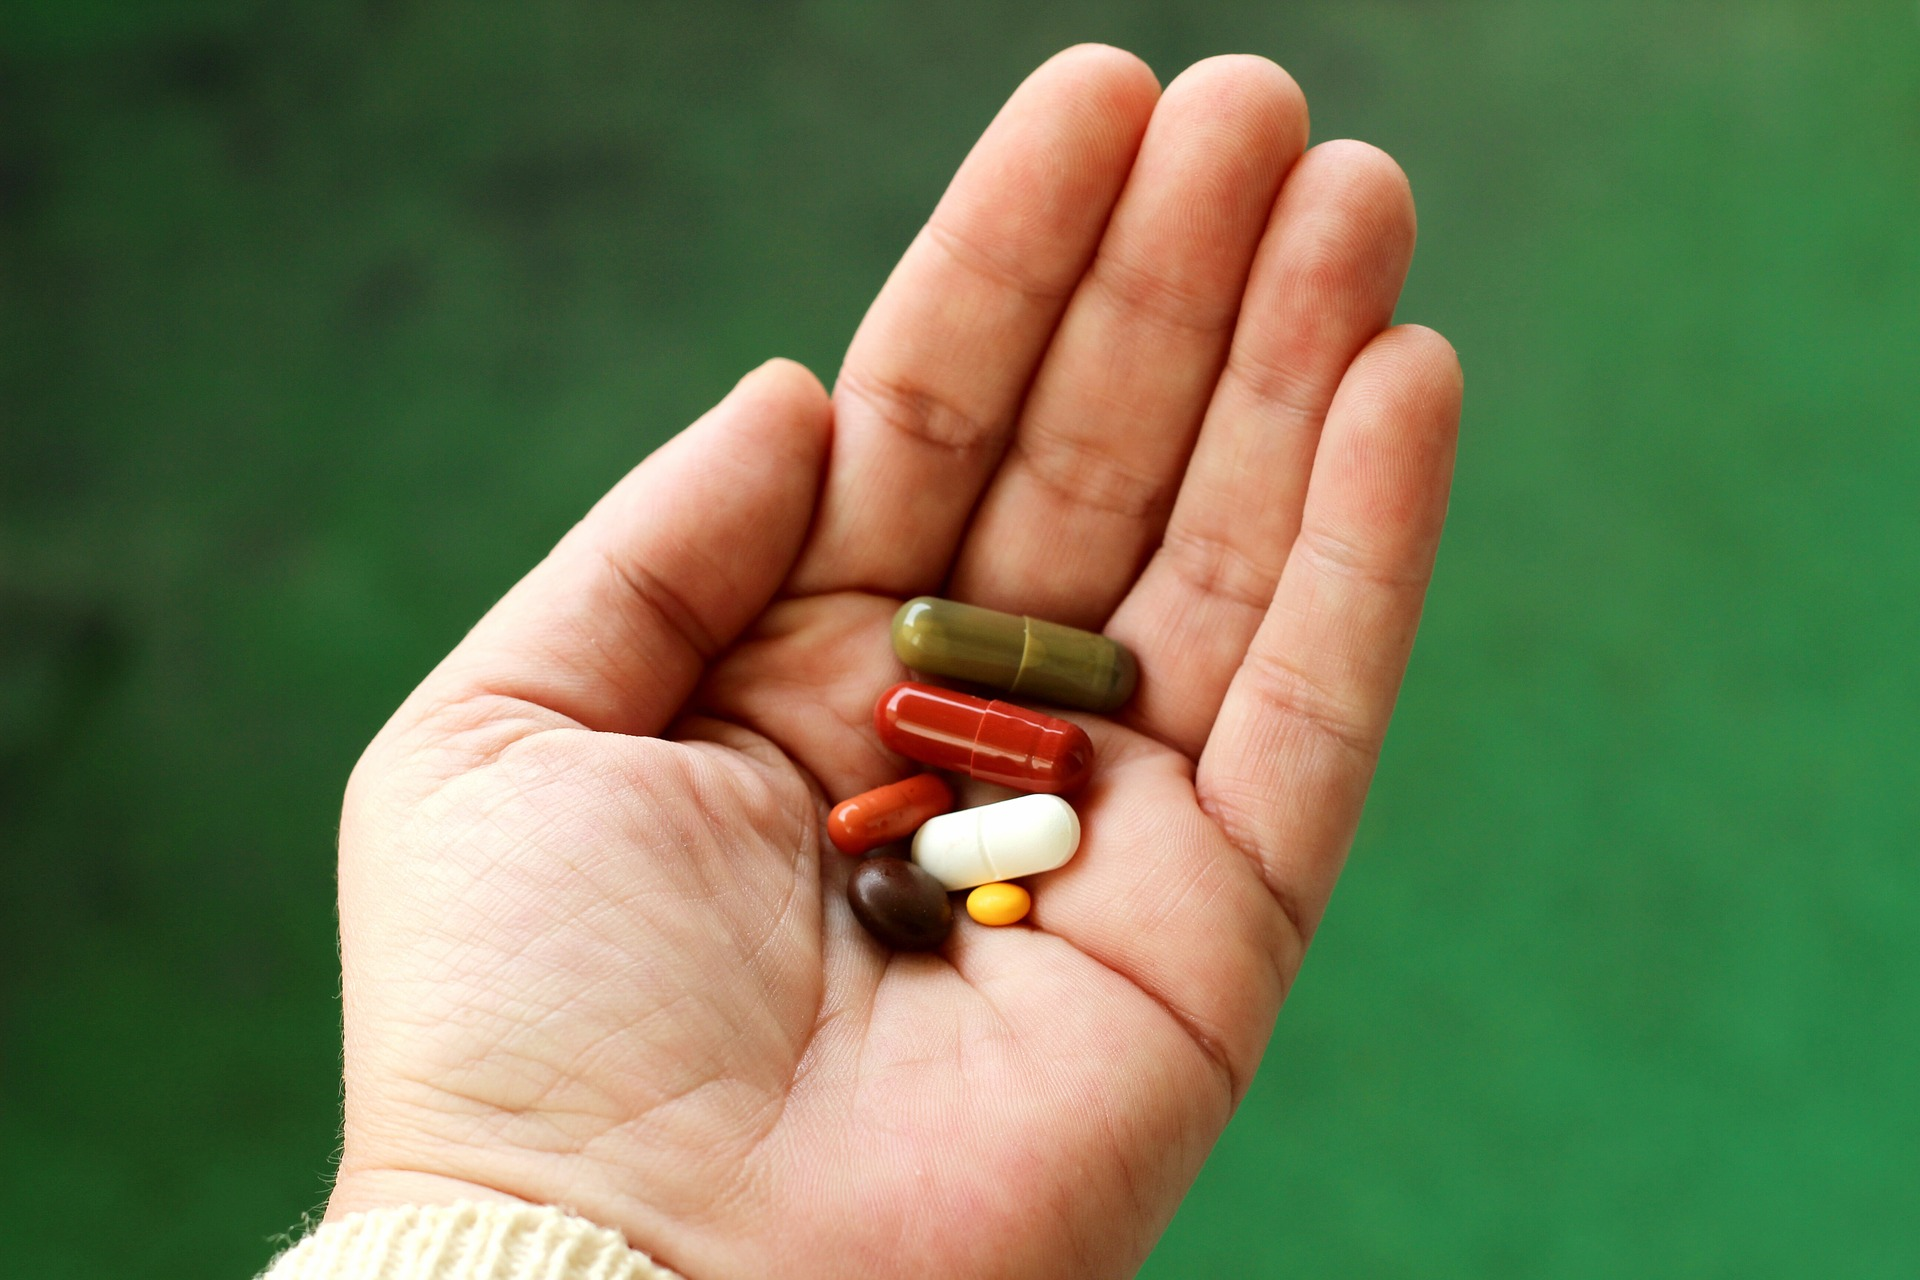 Новая схема употребления антибиотиков эффективно снижает риски резистентности